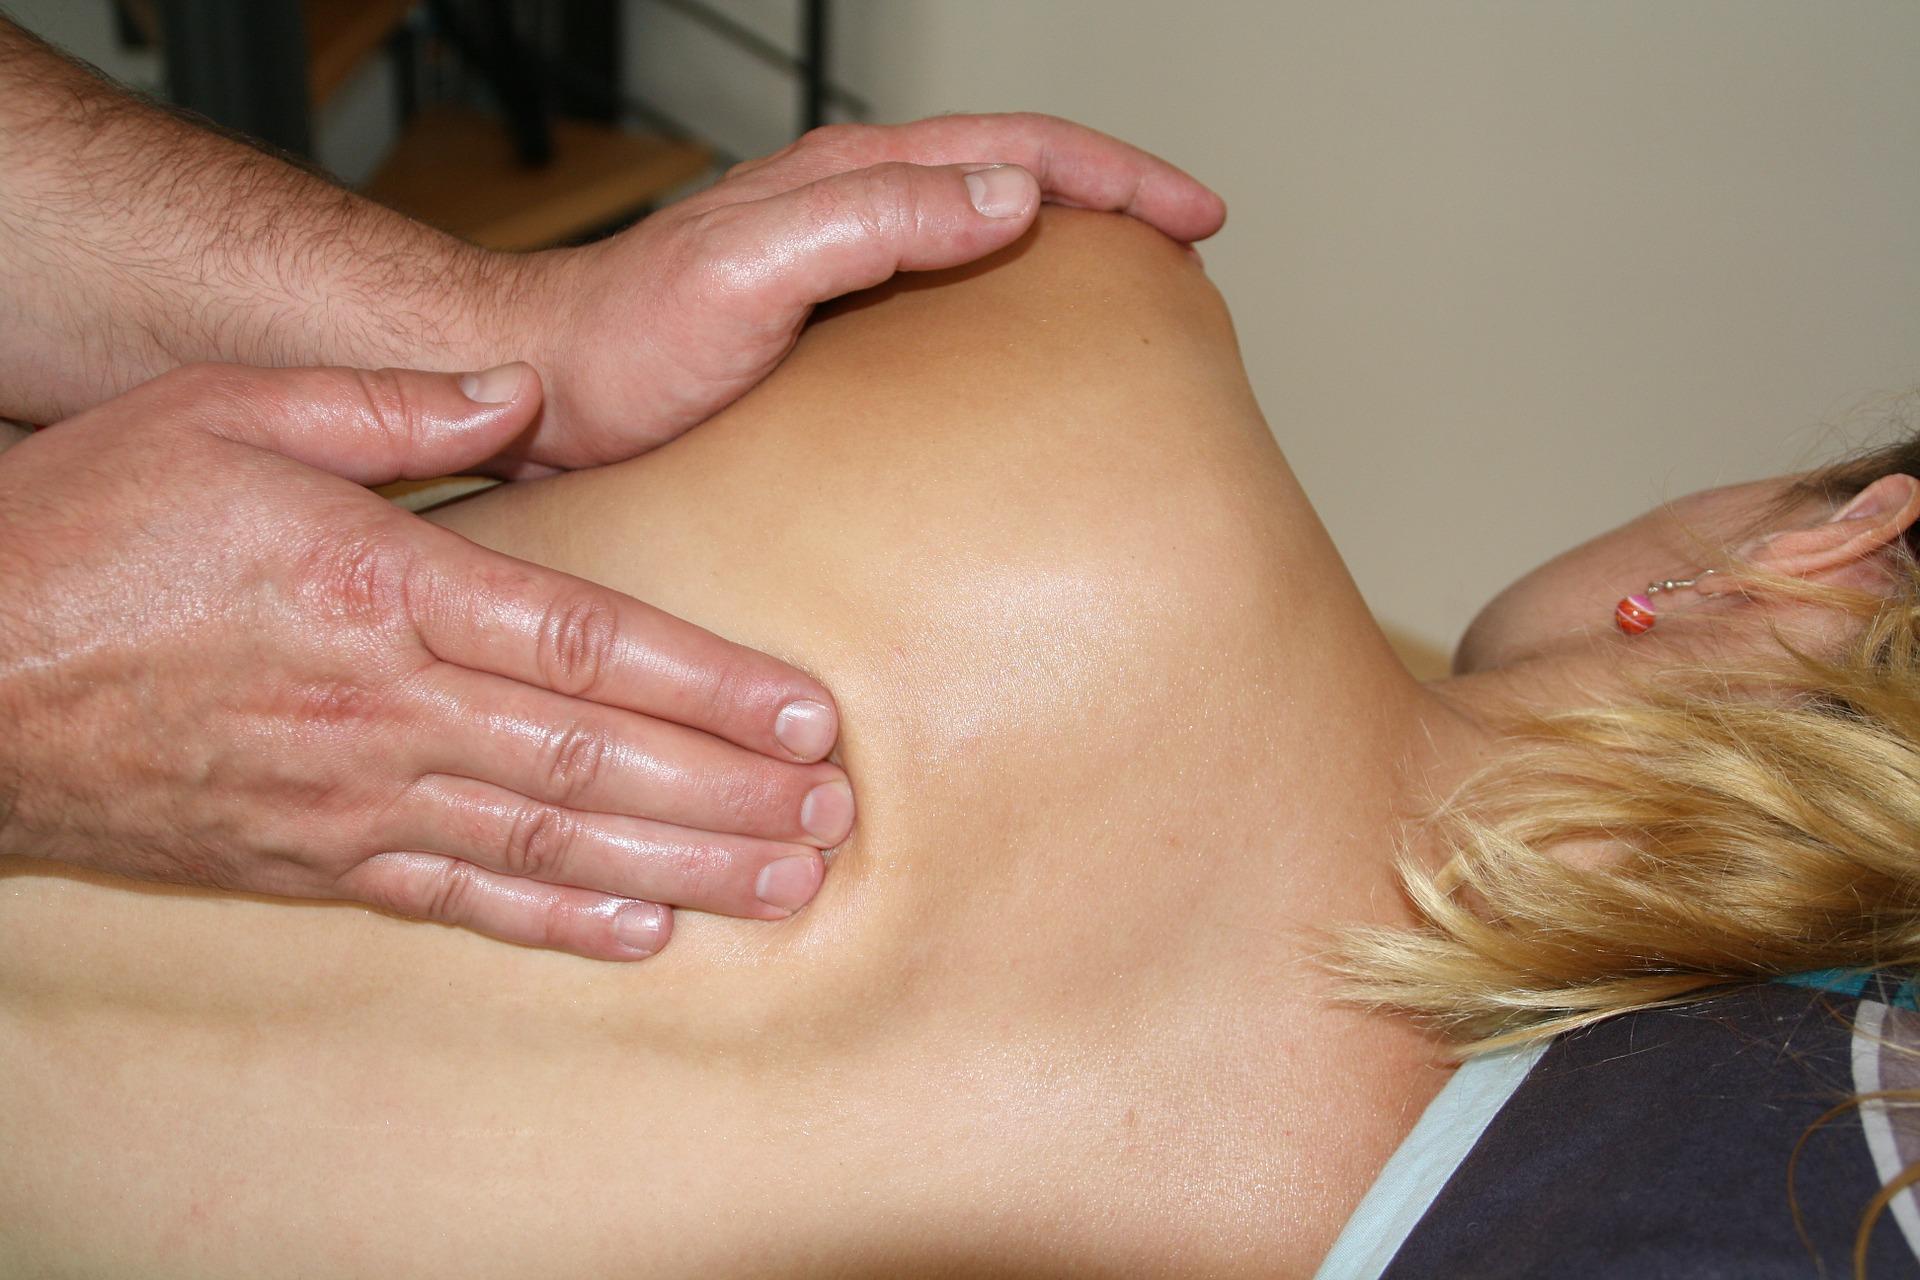 Pinchazos en la espalda: causas, riesgos, síntomas, y posibles tratamientos